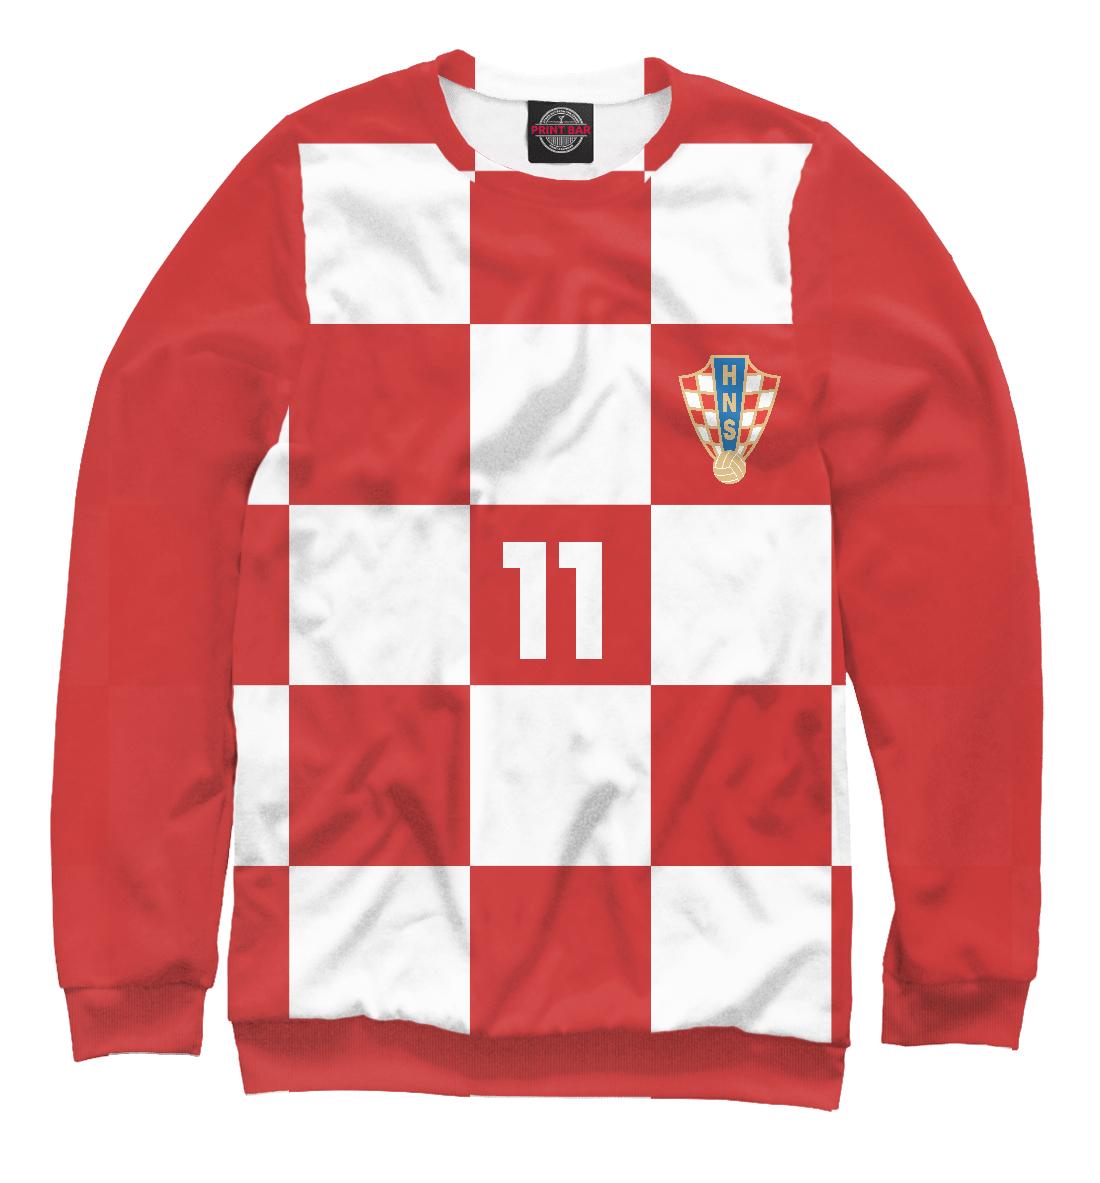 Купить Брозович Хорватия 11, Printbar, Свитшоты, FTF-462992-swi-2